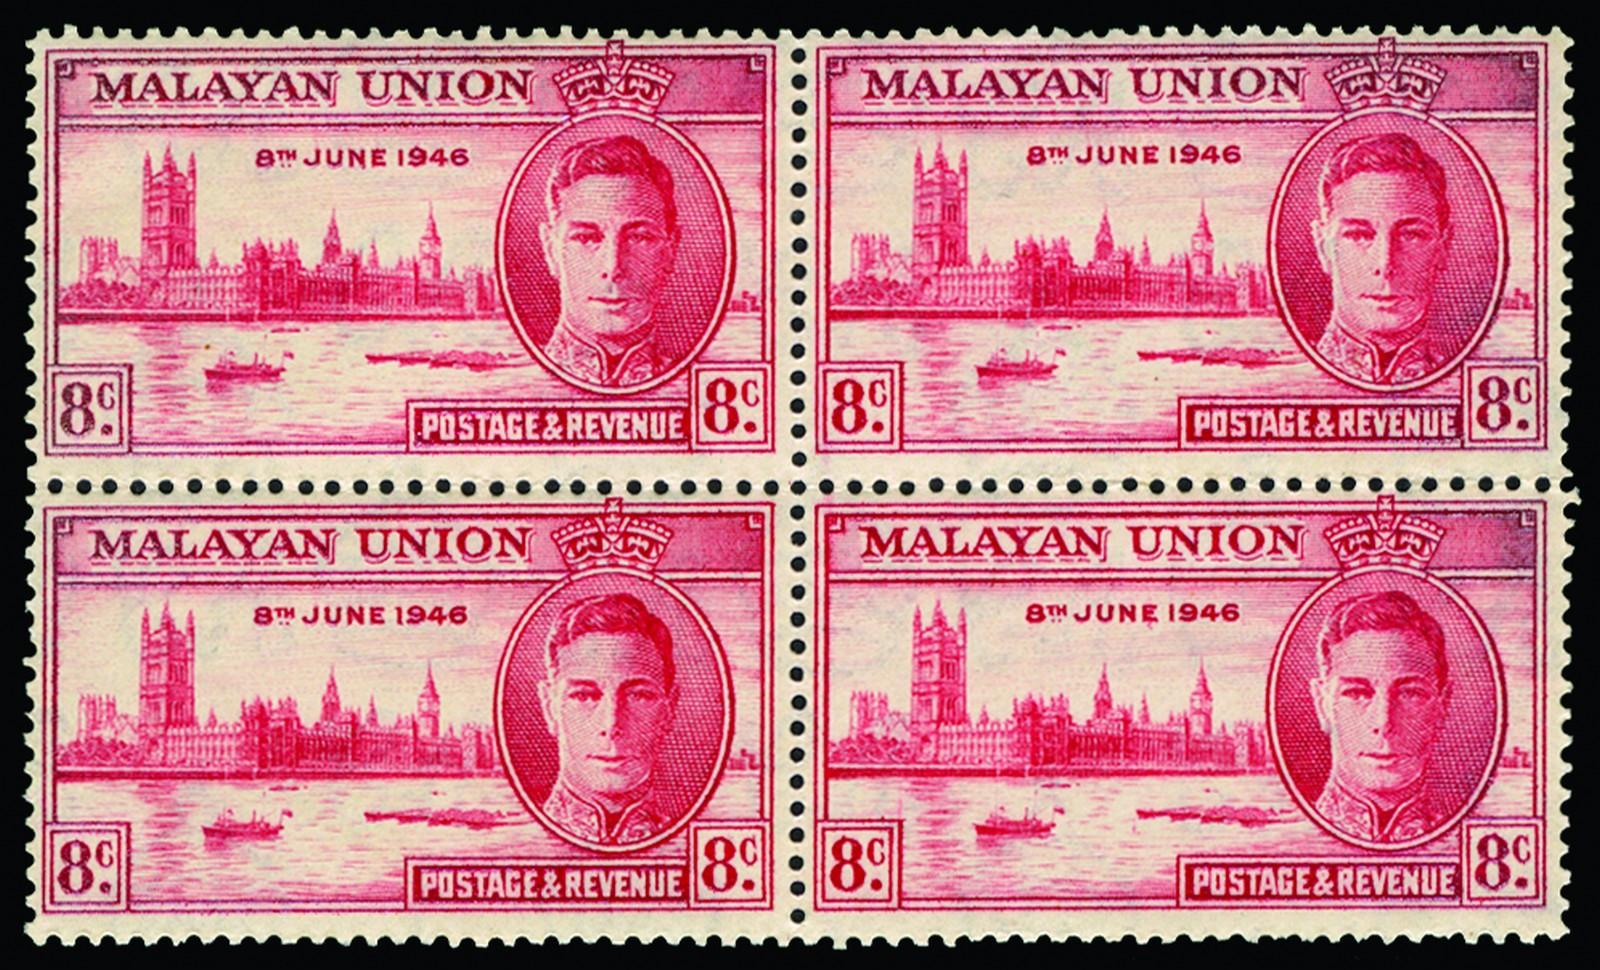 malayan union Rancangan malayan union ini telah membuatkan orang-orang melayu khususnya berasa tidak senang, kecewa, dan marah kepada pihak british, yang selama ini disangkakan .